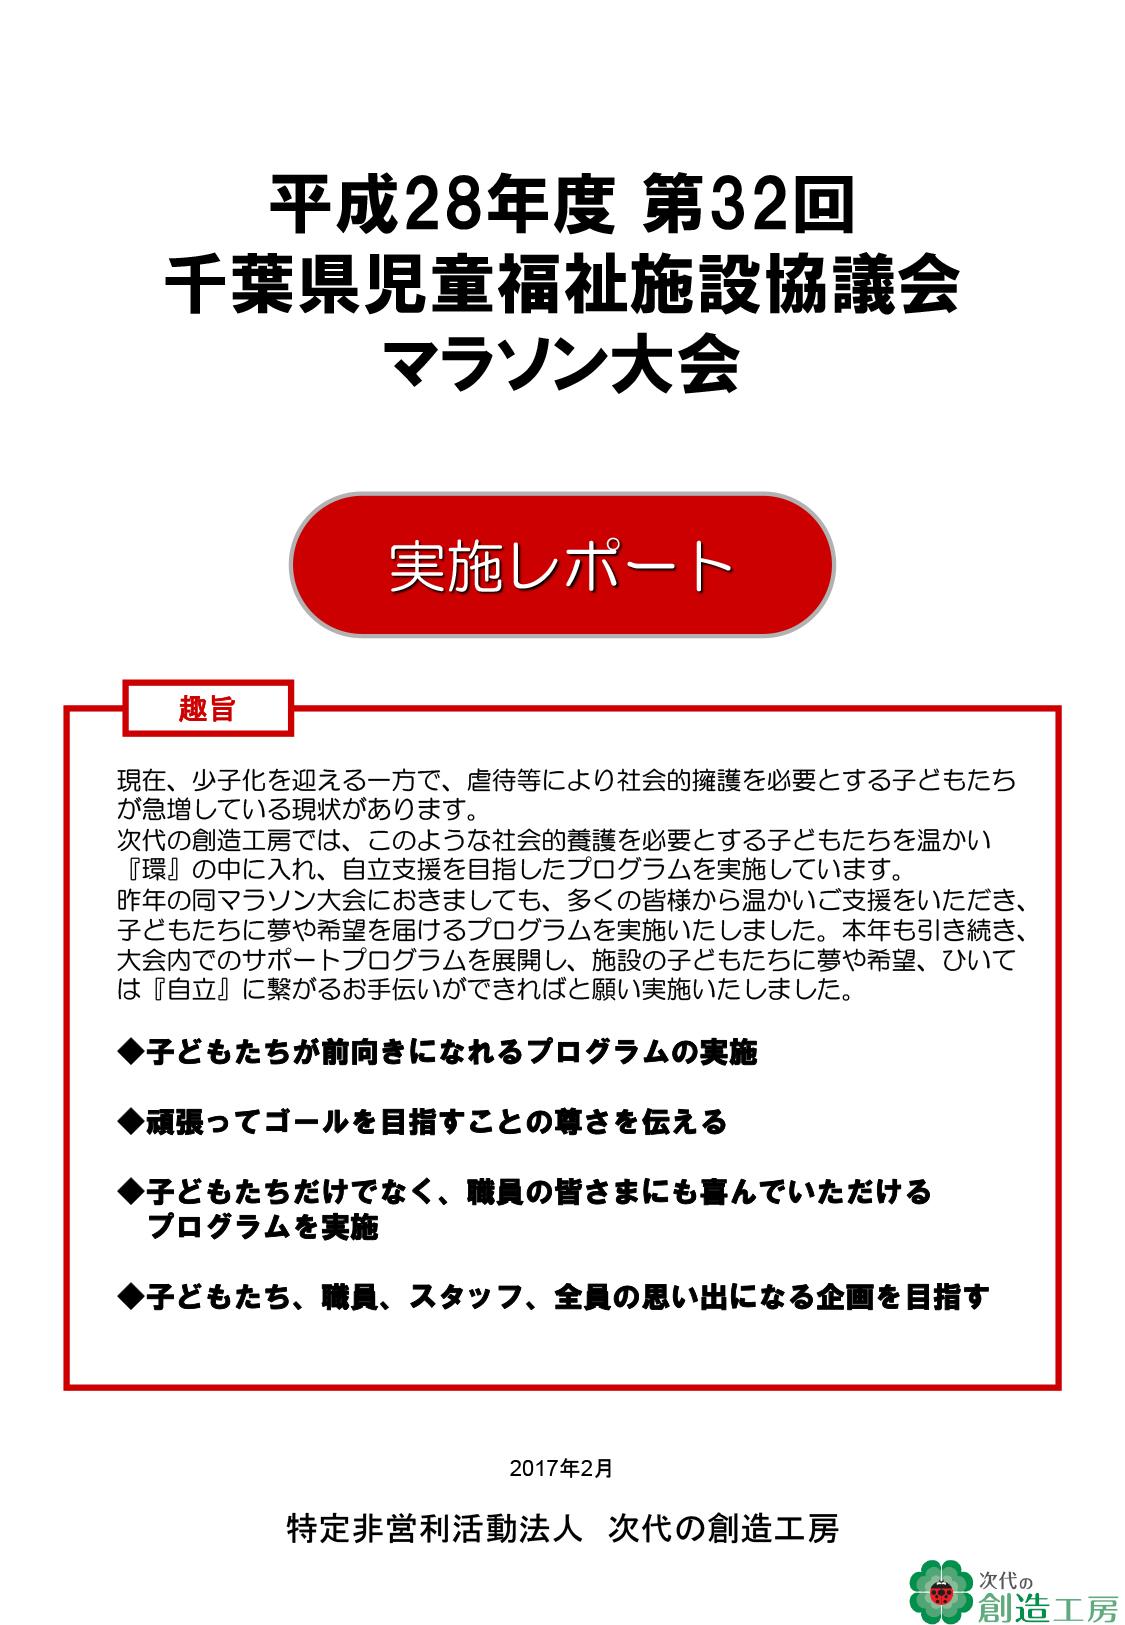 第32回千葉県児童福祉施設協議会マラソン大会 実施報告書